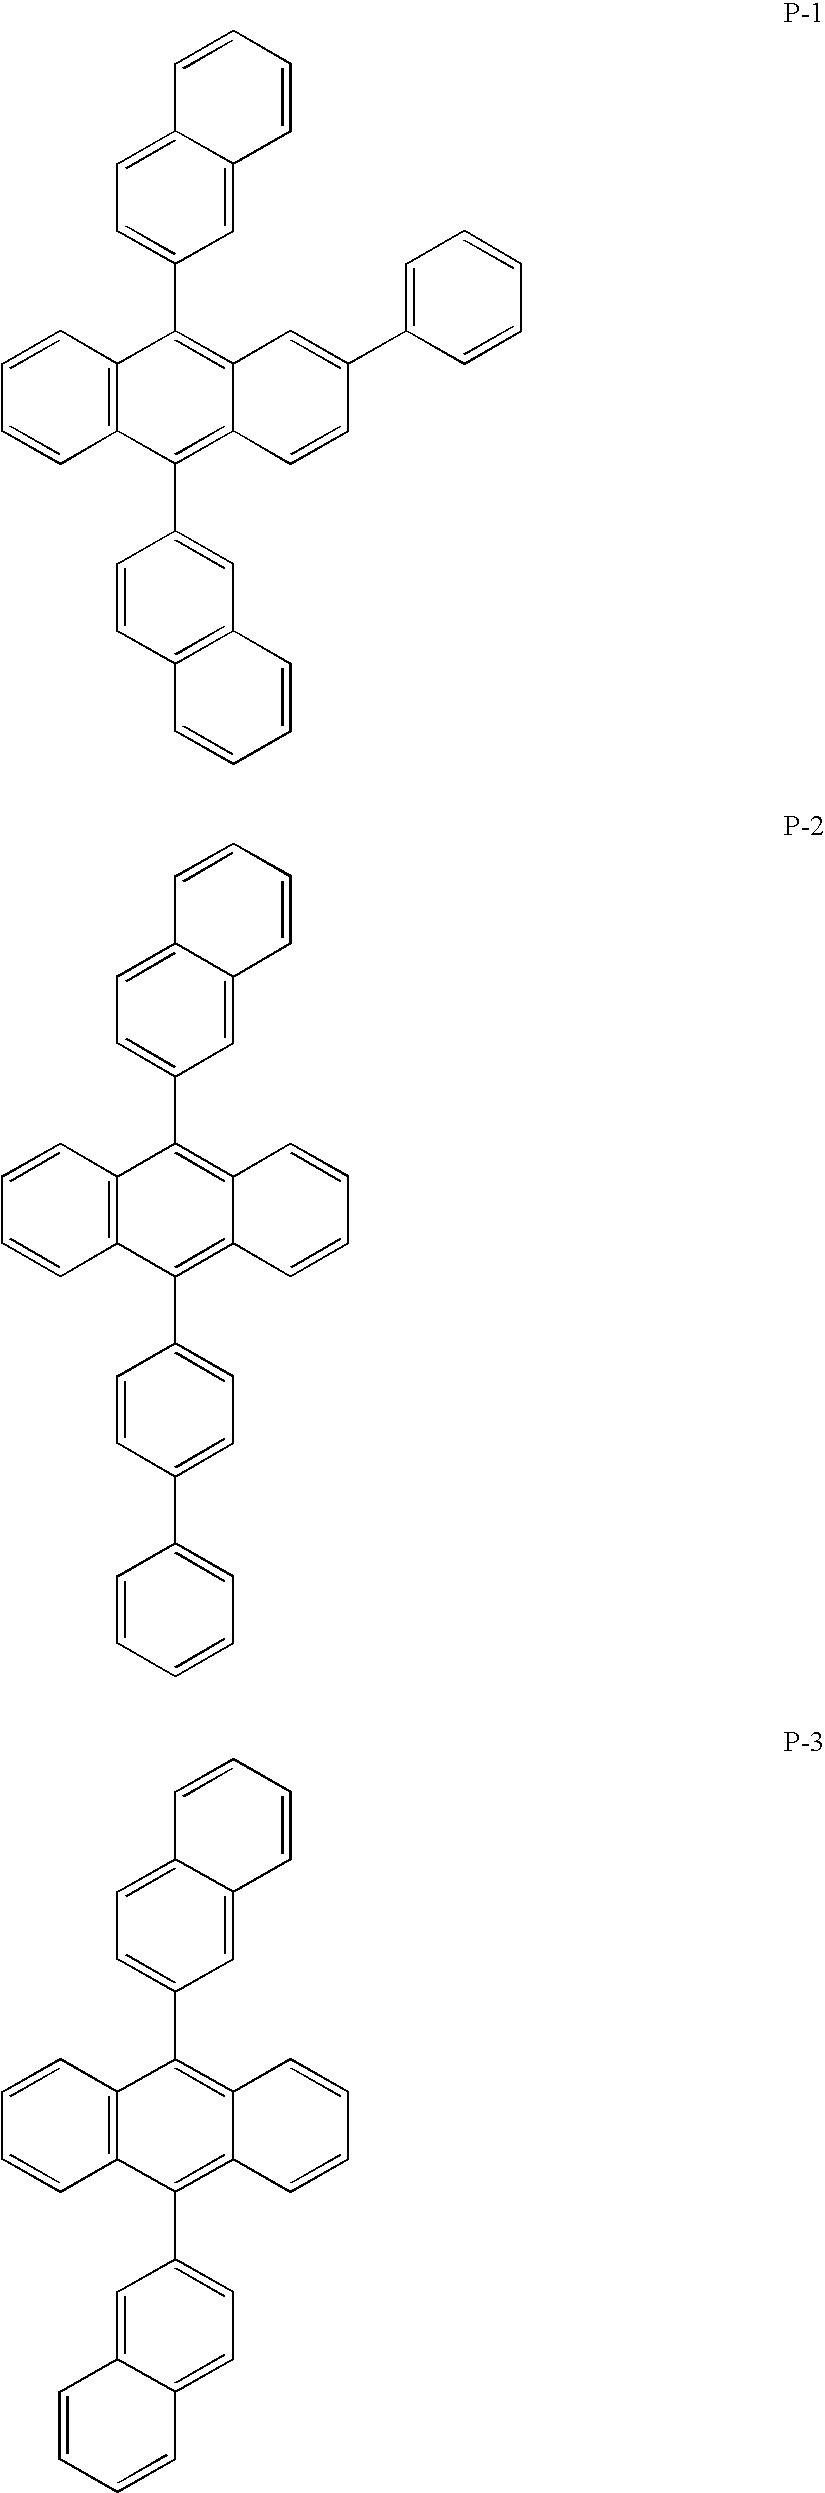 Figure US07968215-20110628-C00017